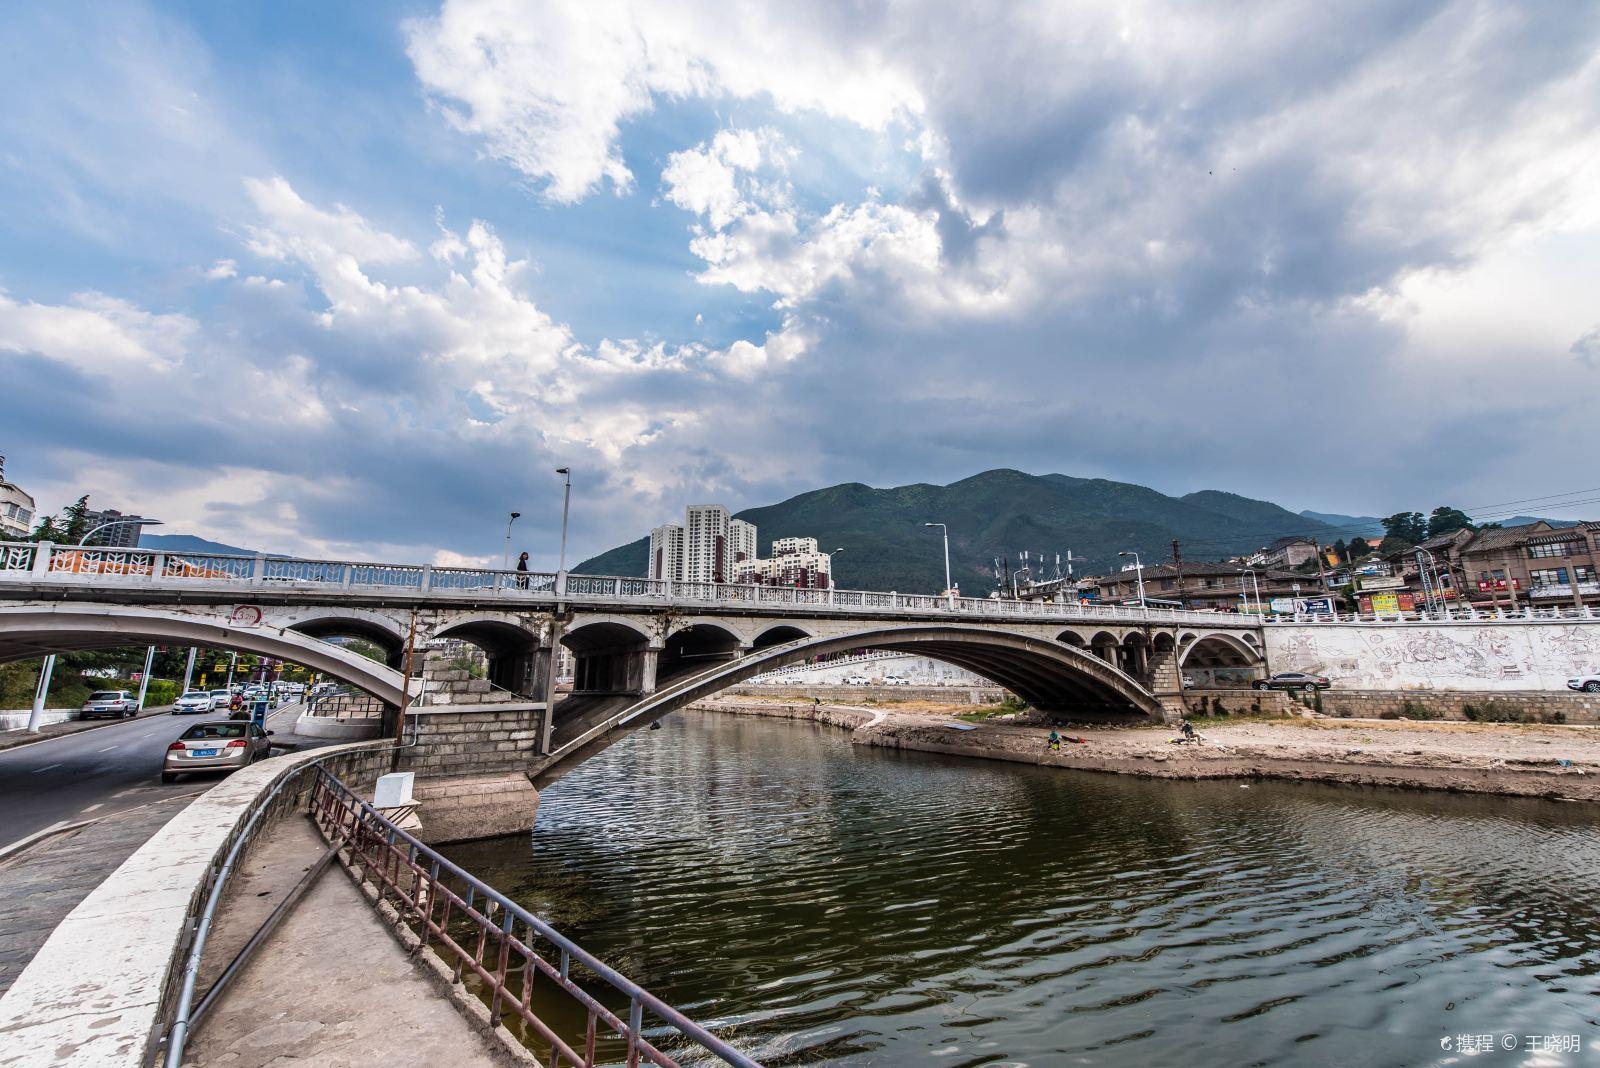 湛江-丽江旅游线路旅游景点云南丽江?